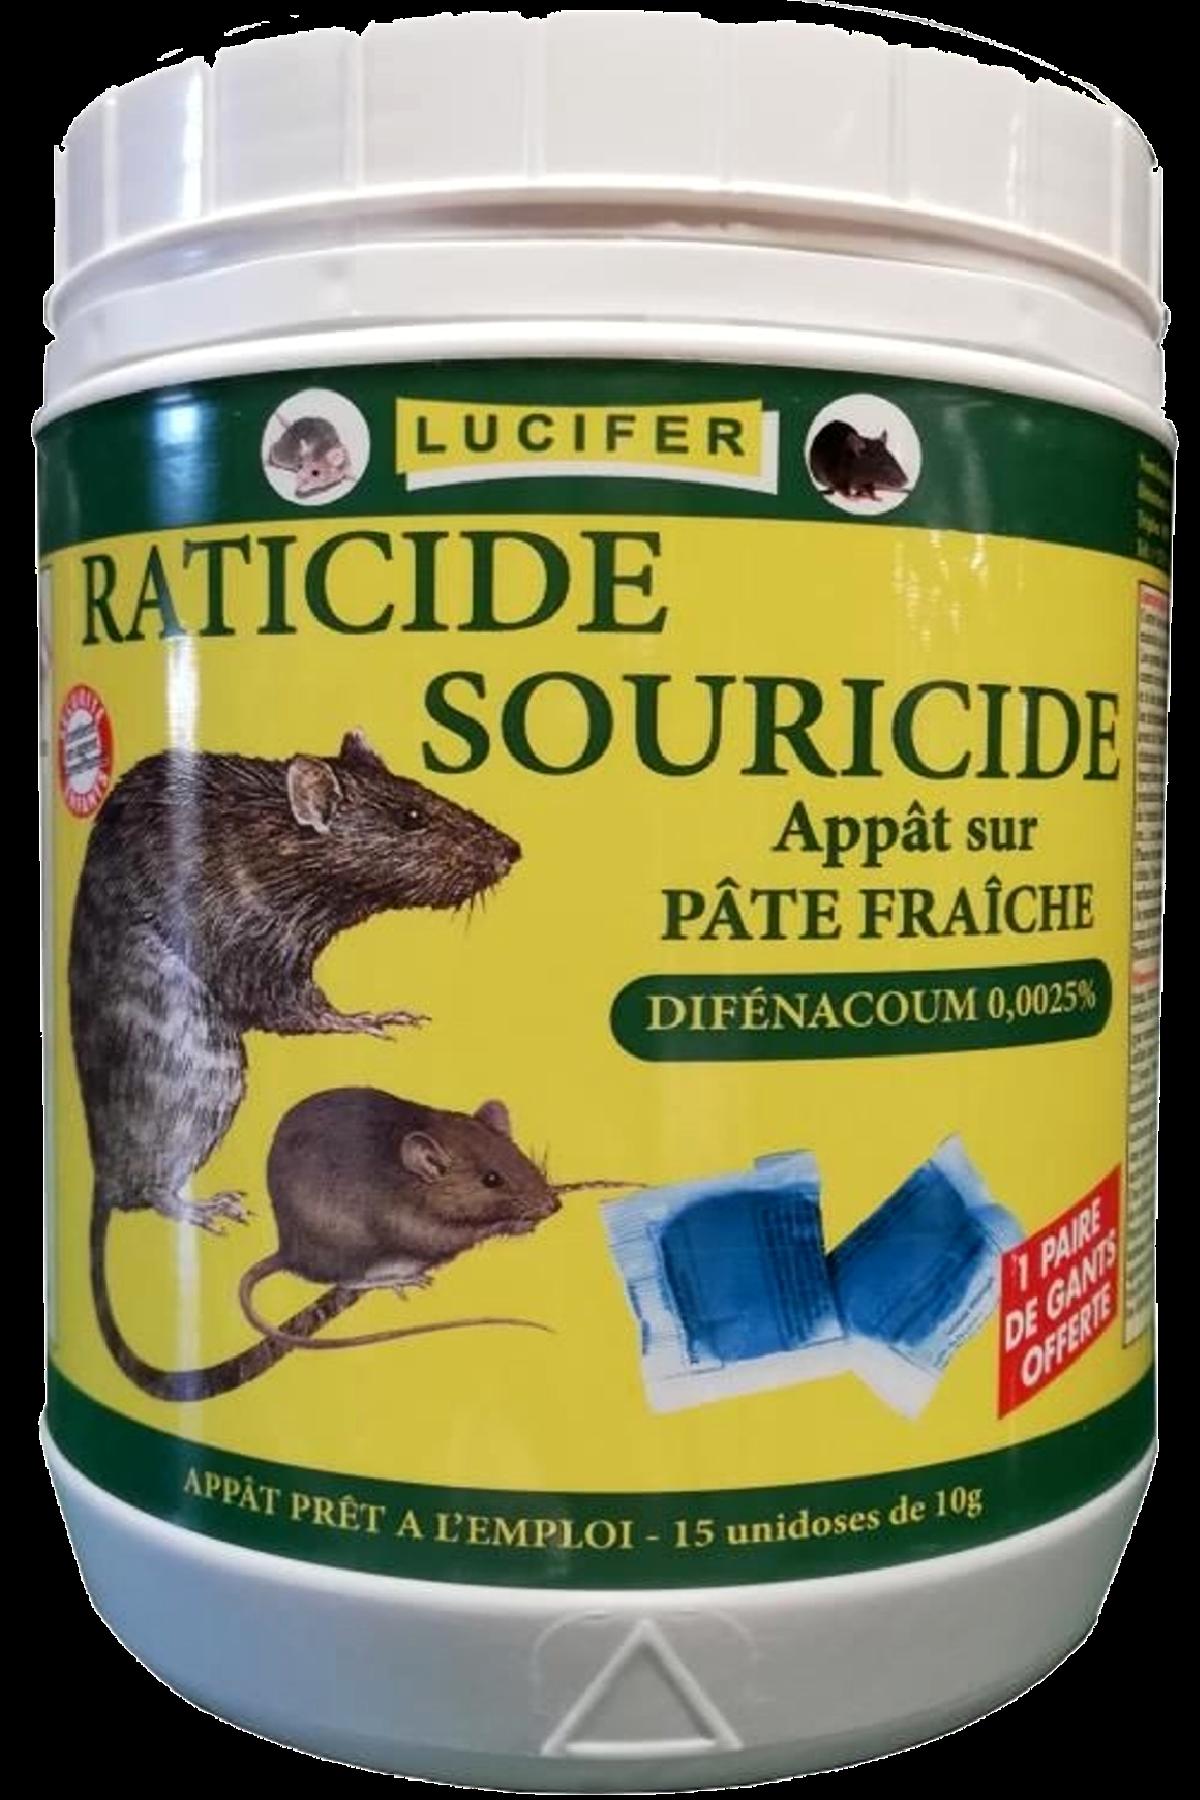 Raticide Souricide